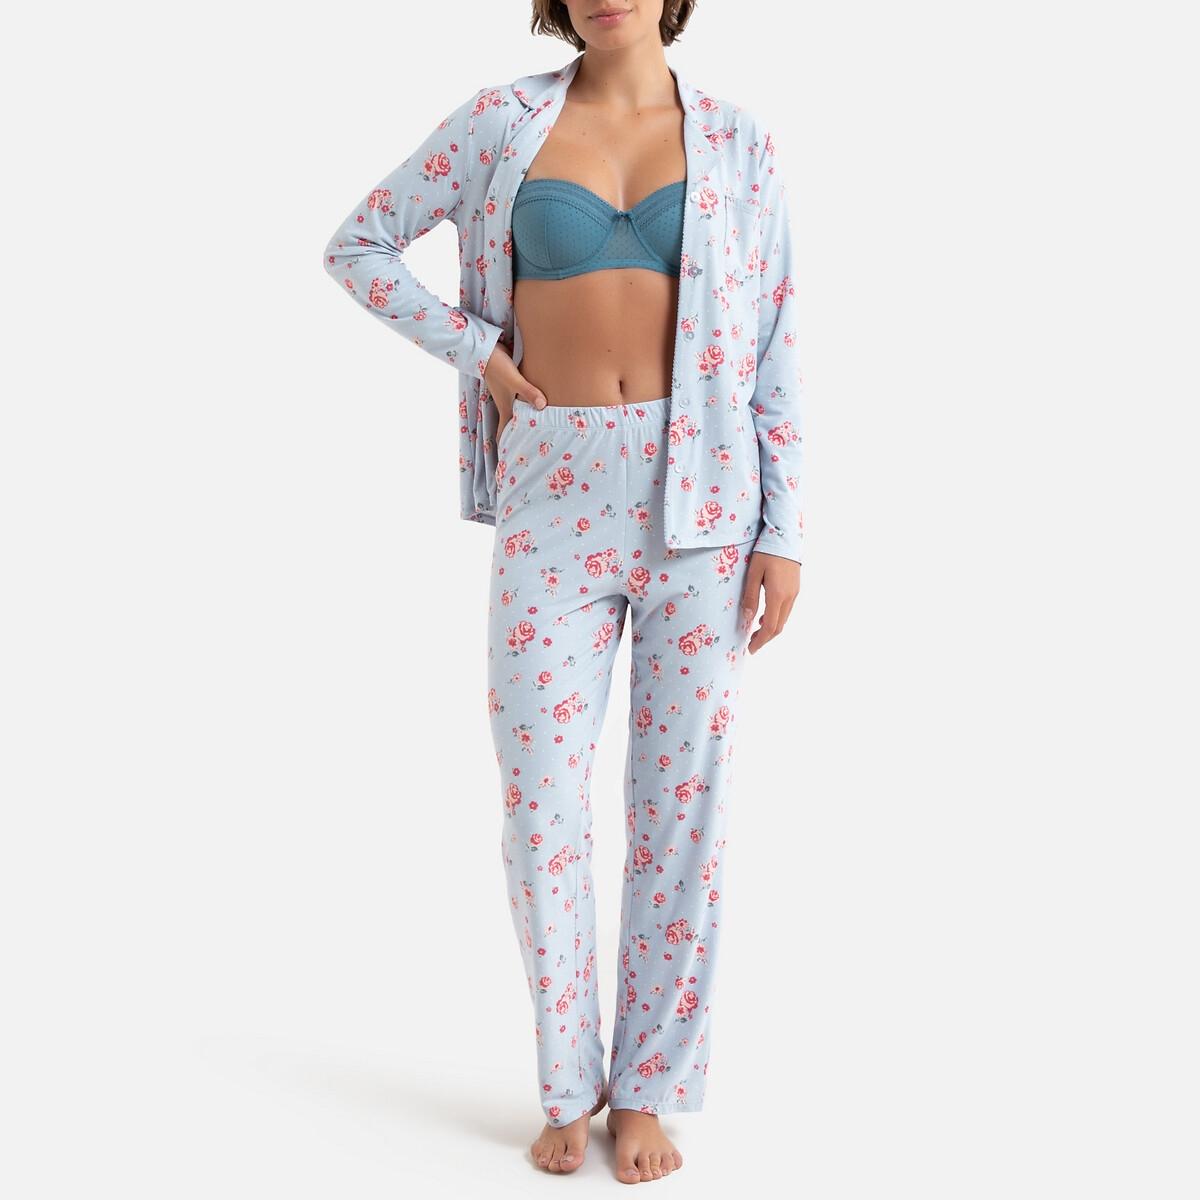 Pijama estilo masculino, estampado floral